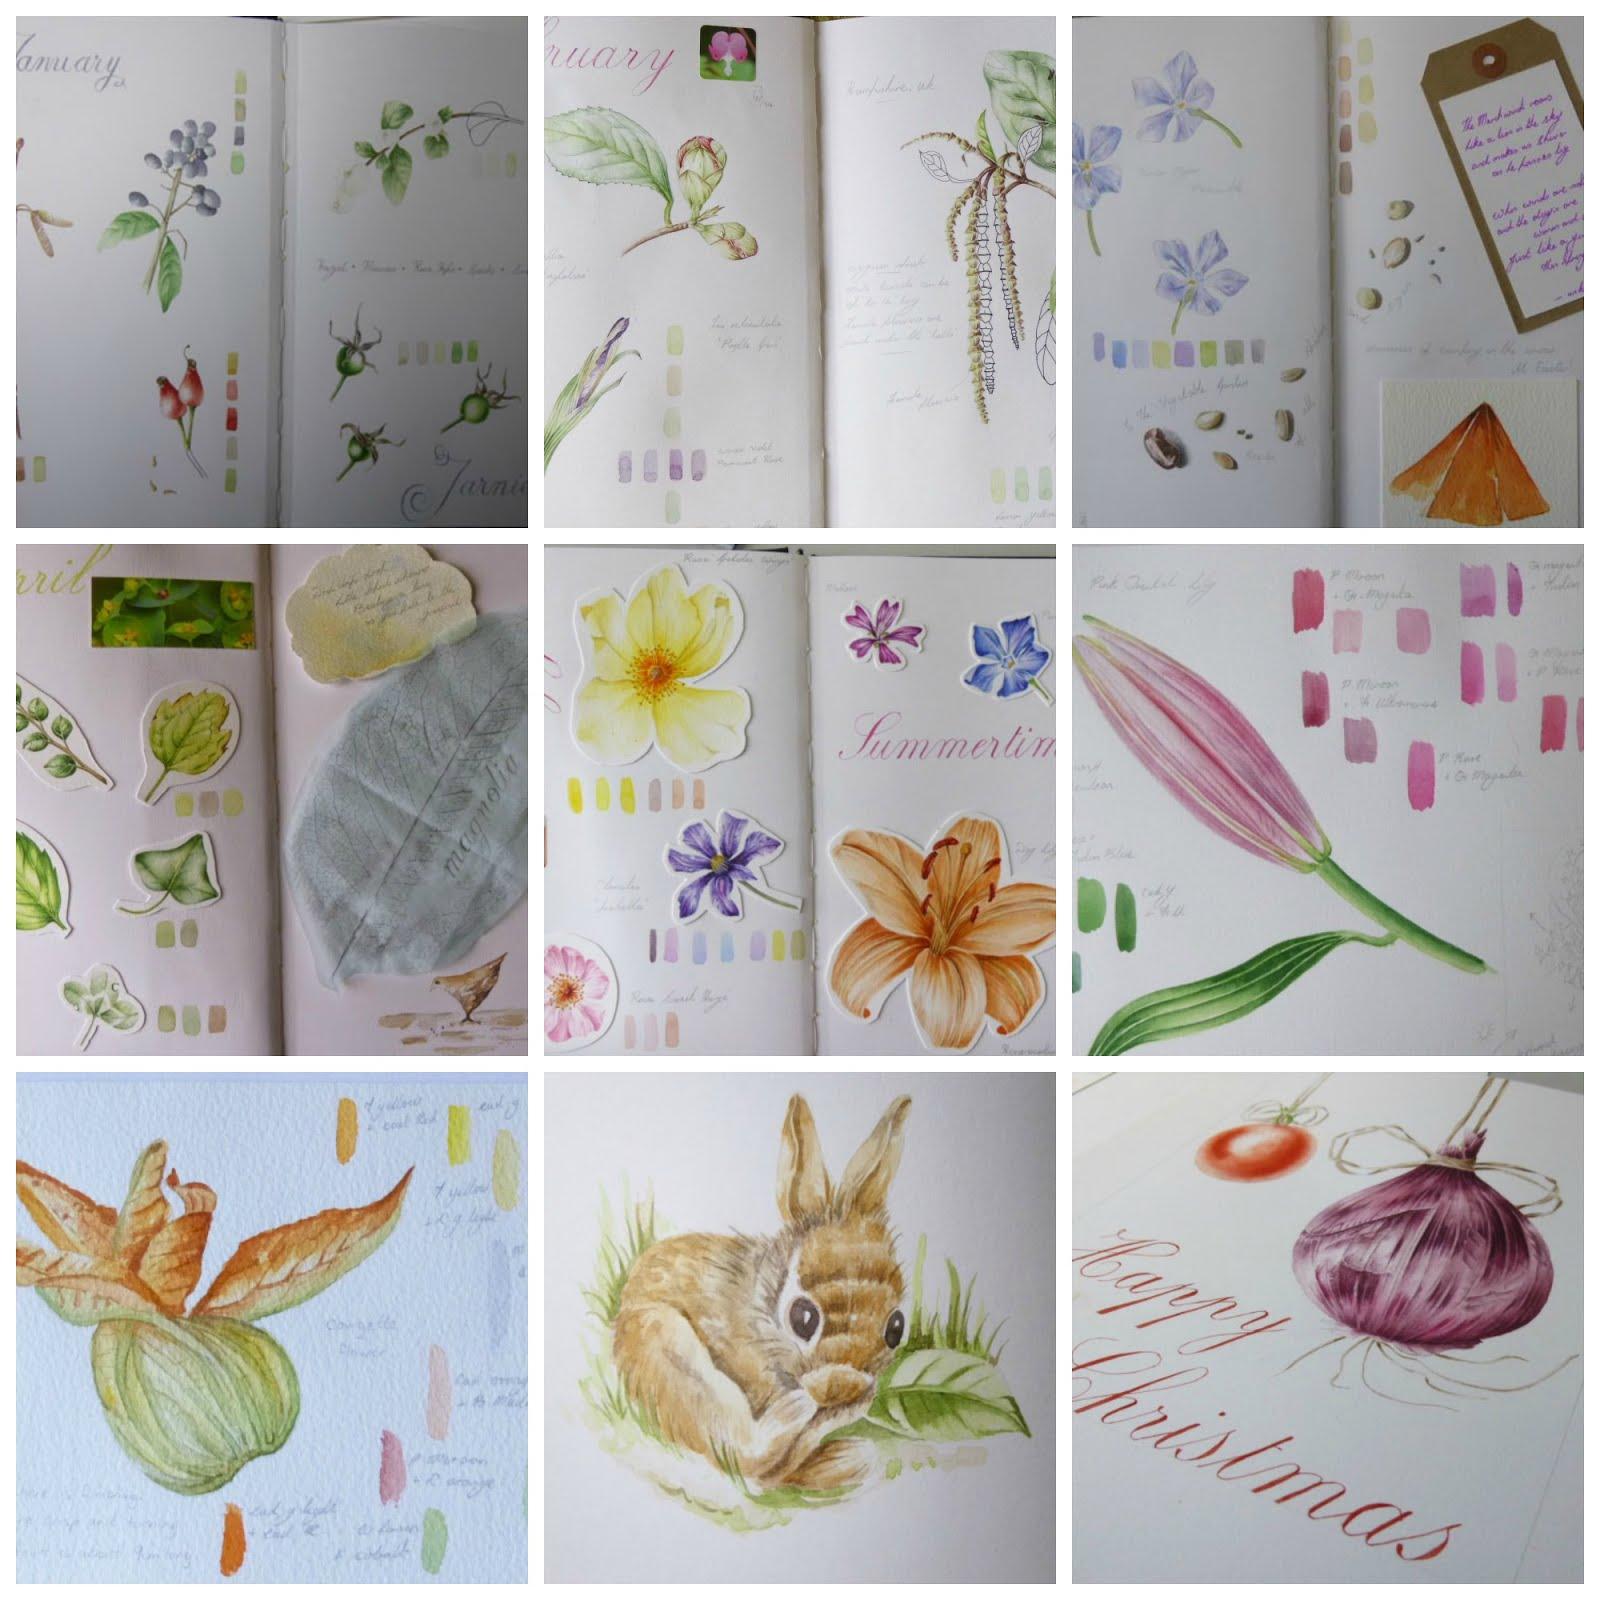 'The Botanical Year' Sketchbook Workshops